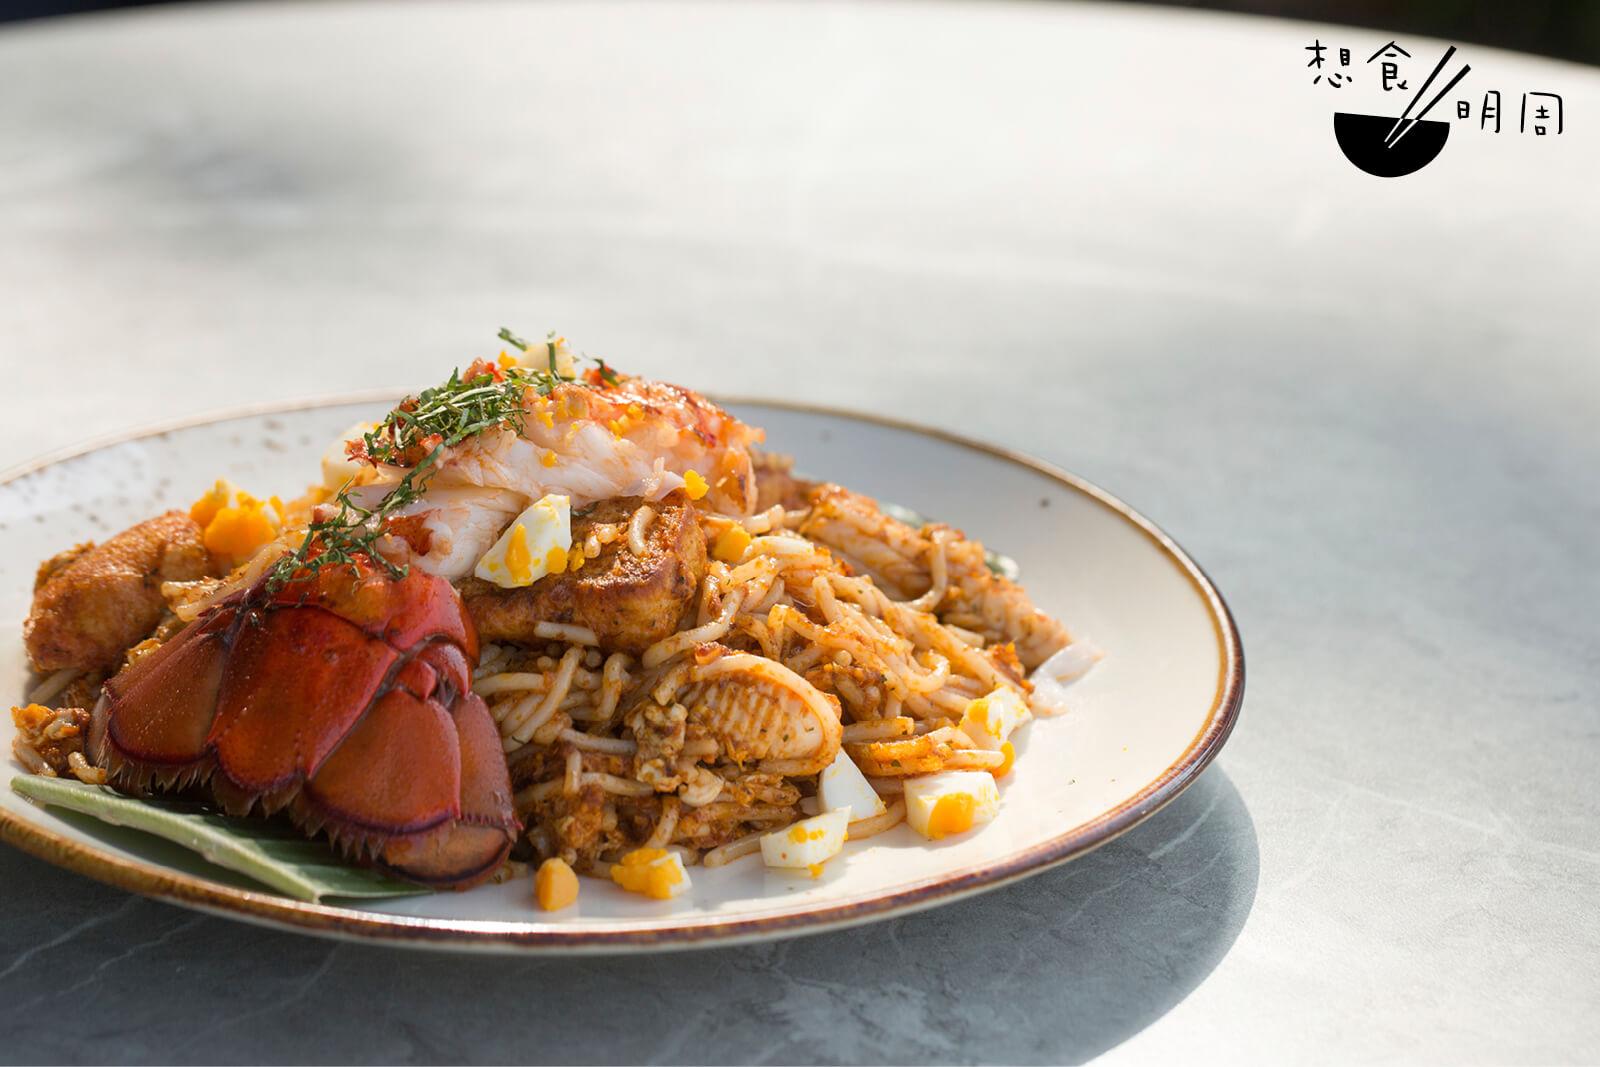 乾炒龍蝦海鮮喇沙//這可說是一道破格創新的菜式,將傳統椰汁湯叻沙改為坊間未見的乾炒叻沙。配上嫩滑龍蝦肉、鮮魷等食材,將一碗國民湯麵升級。